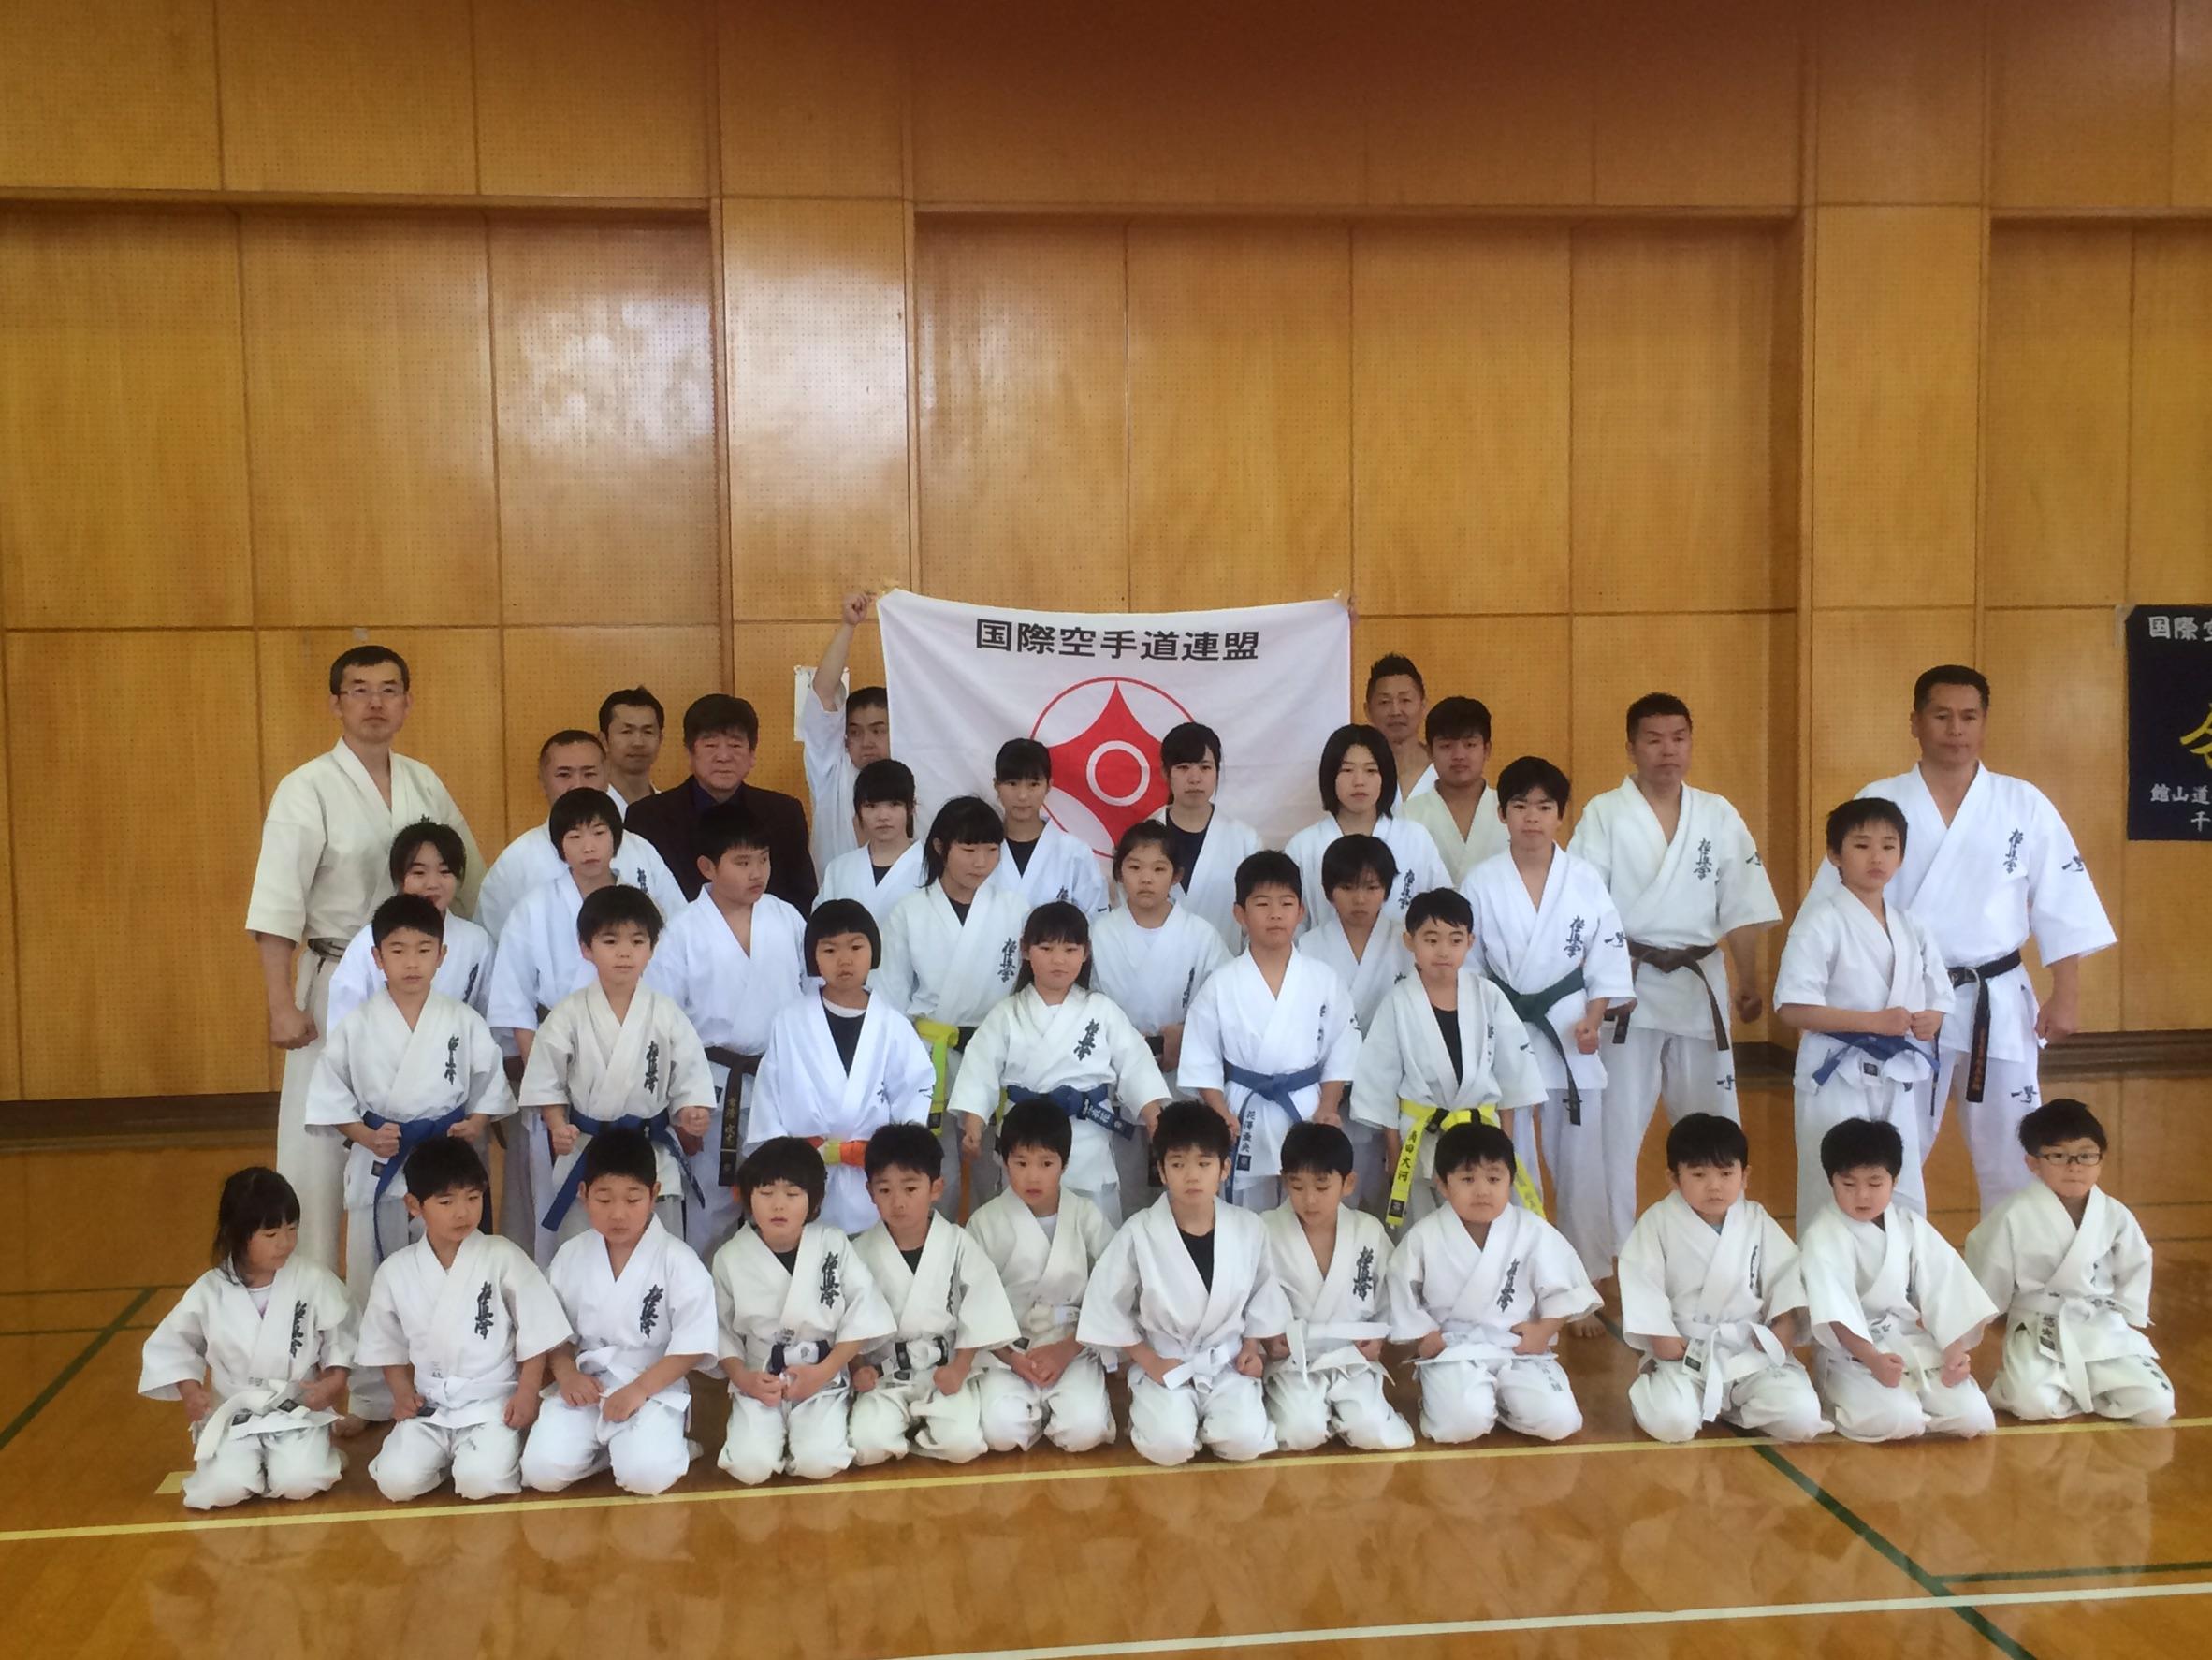 http://www.kyokushin-chibaminami.com/images/1484188395297.jpg